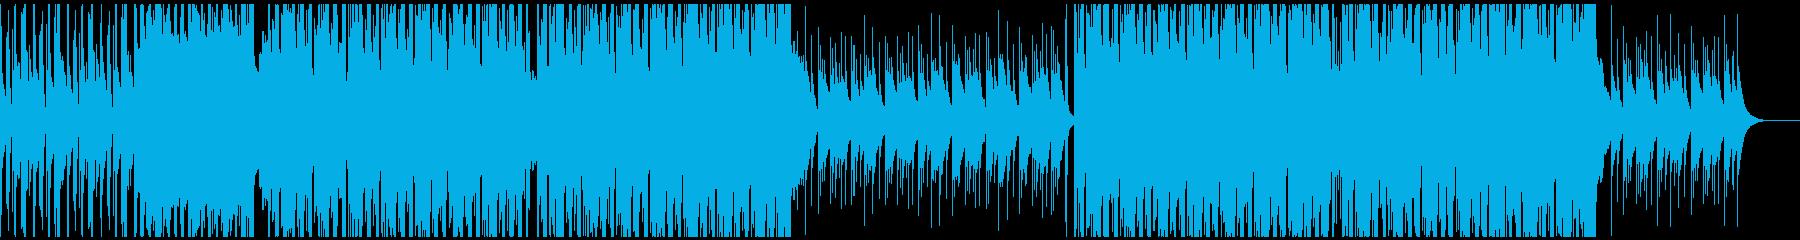 エキゾチックなダークファンタジーSの再生済みの波形